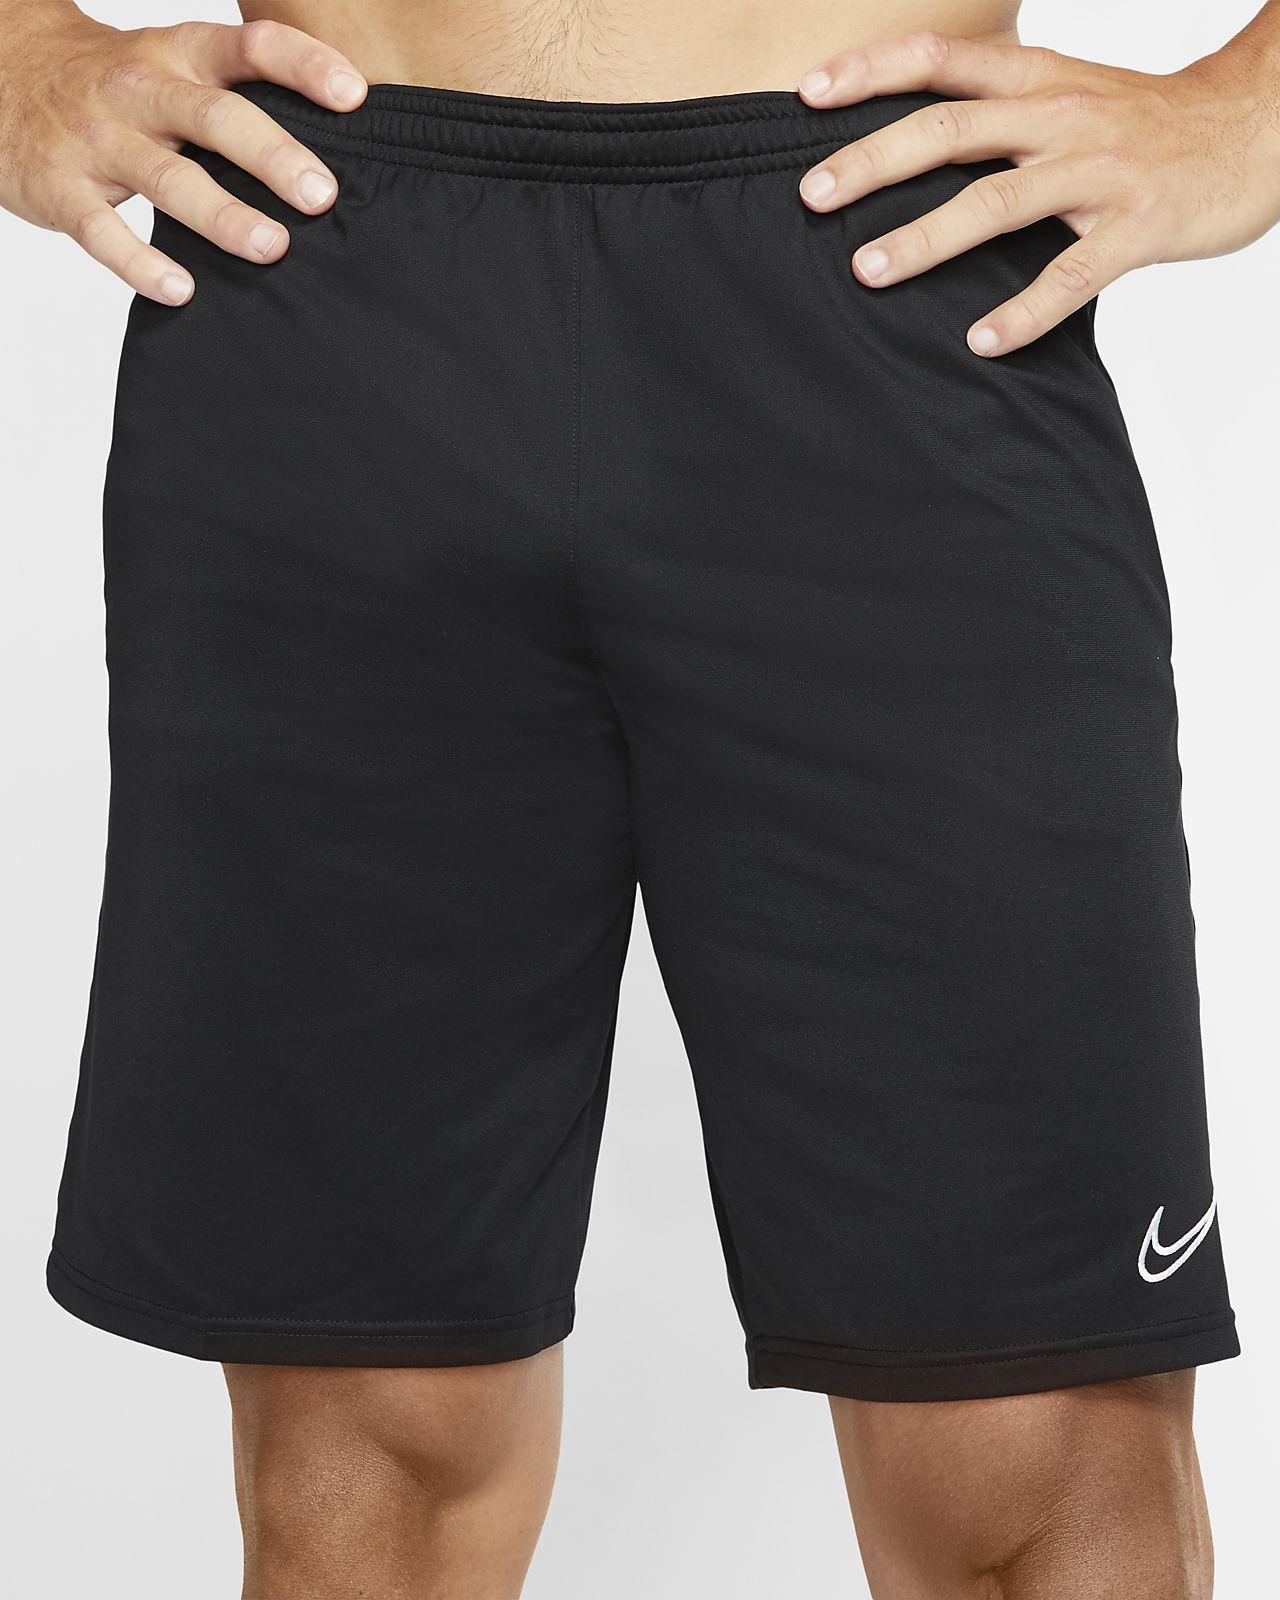 Fotbollsshorts Nike Dri-FIT Academy för män